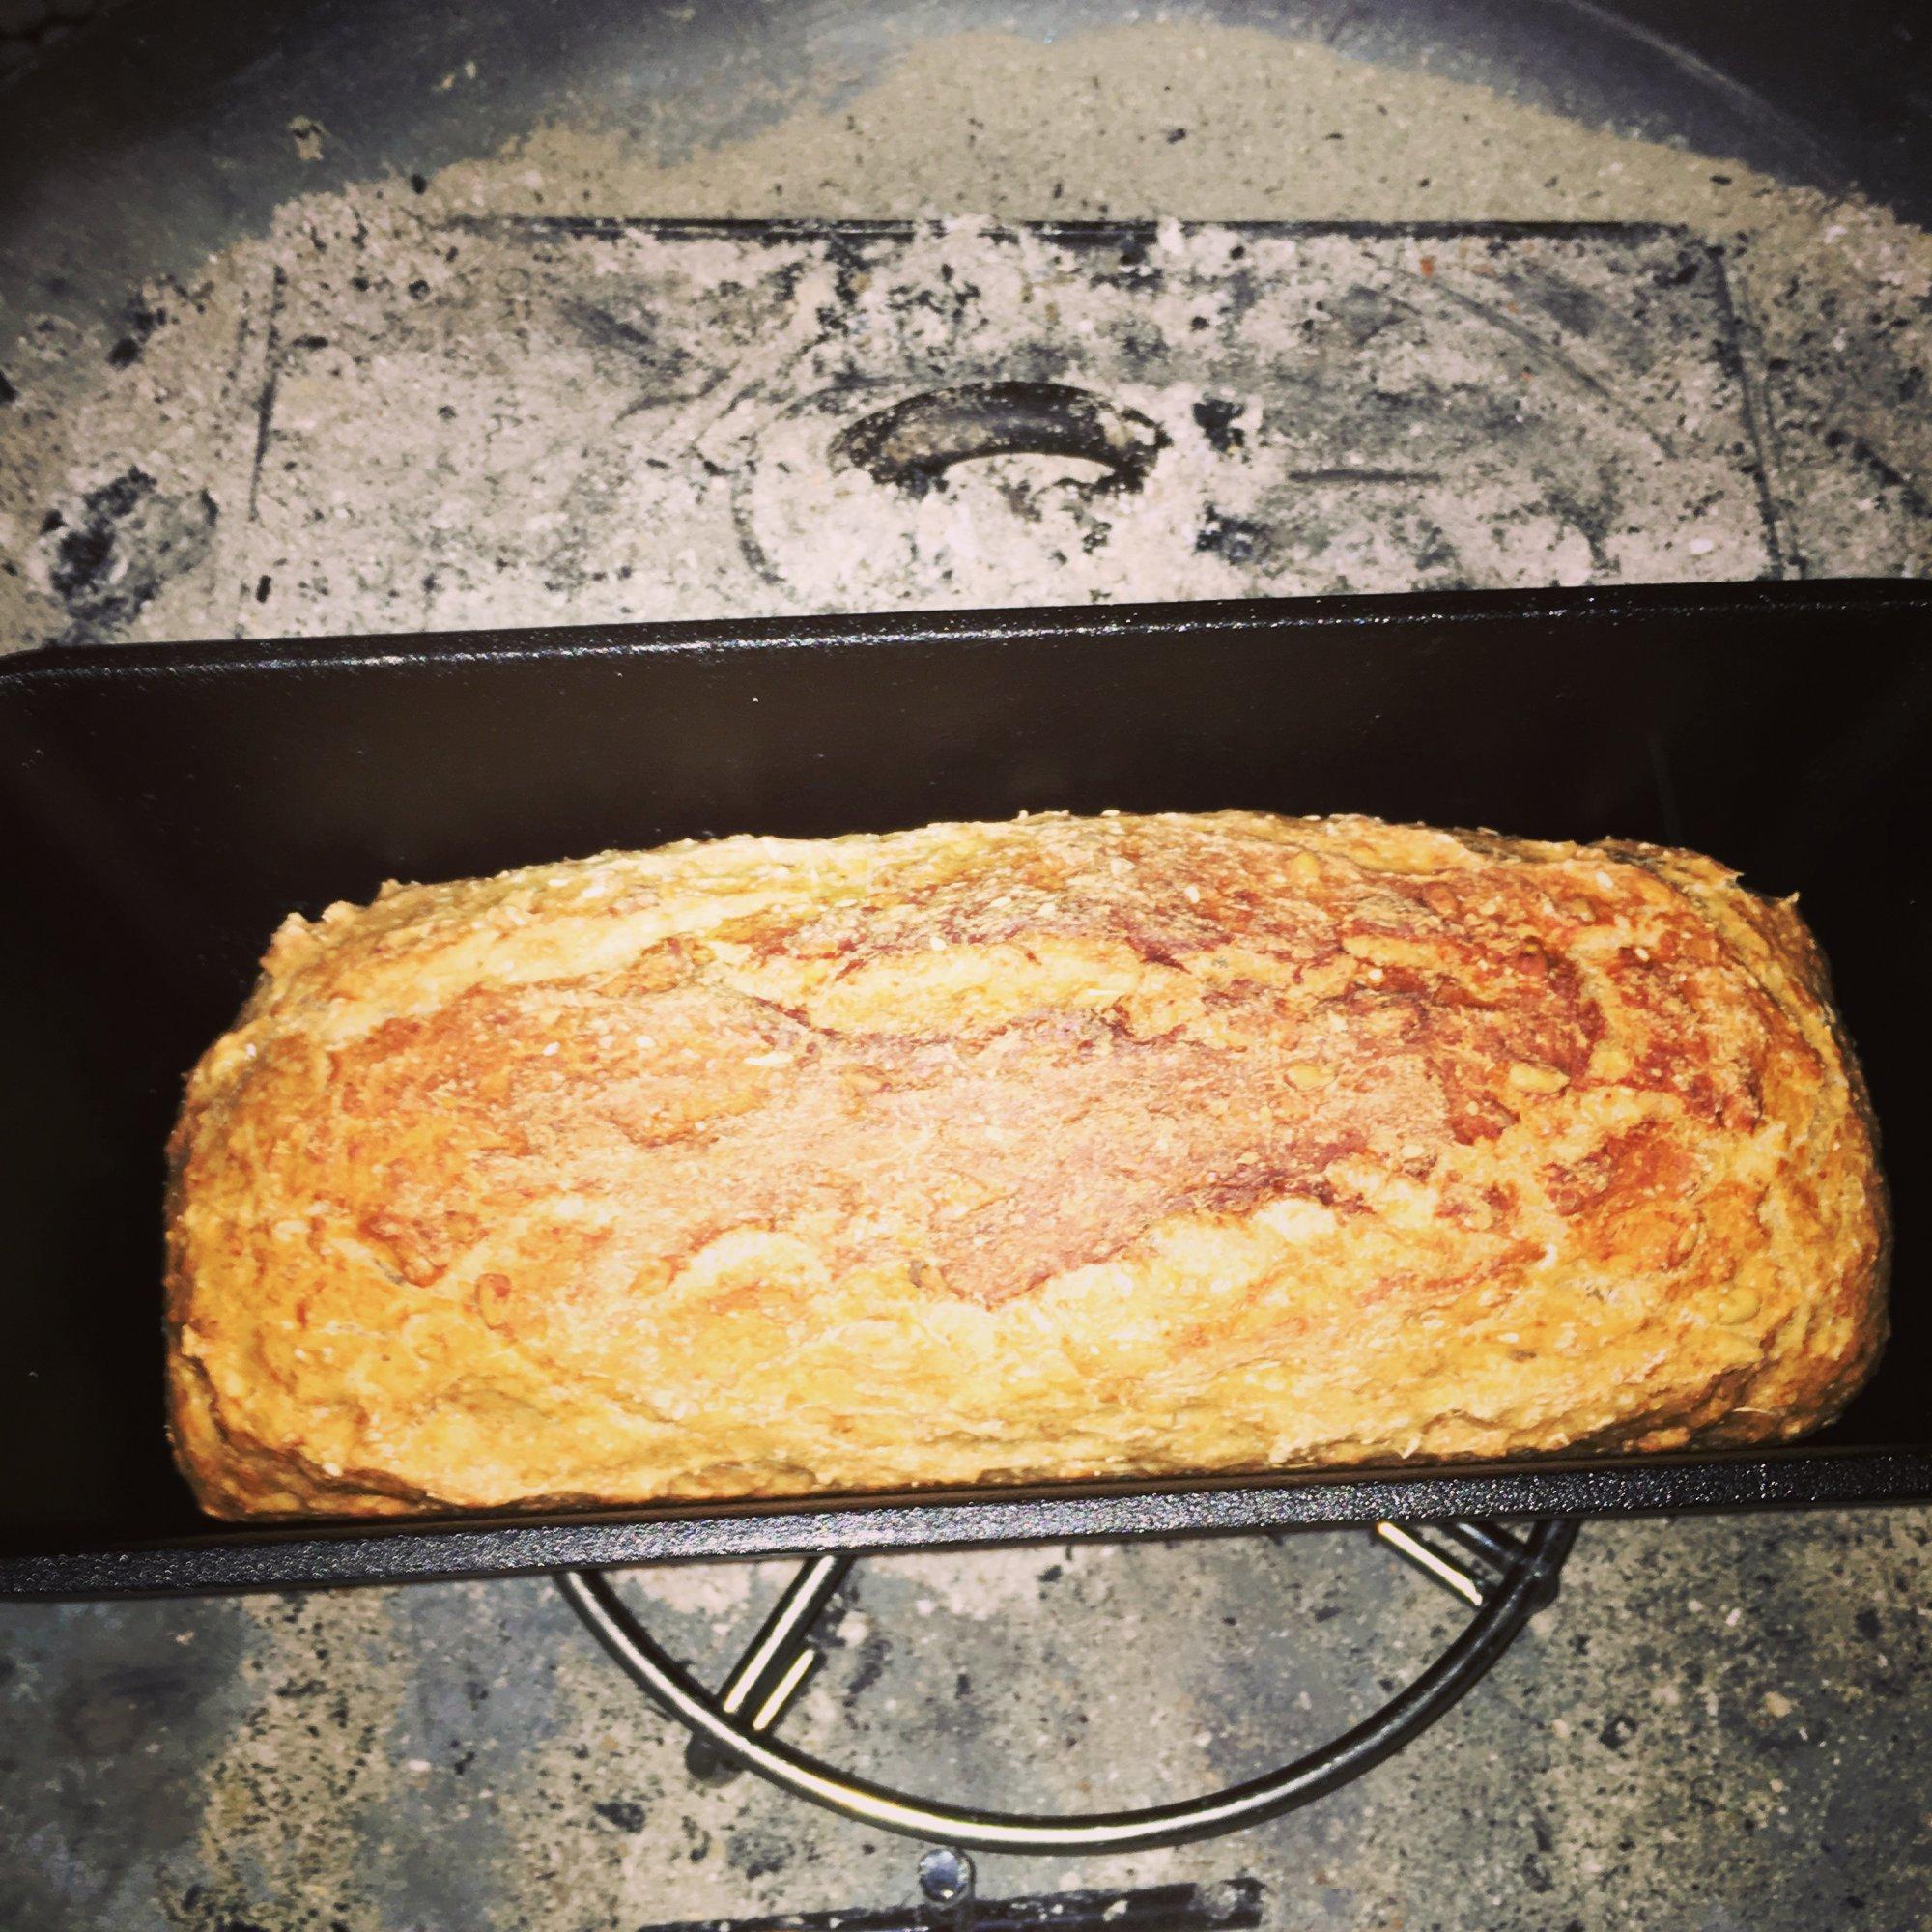 Brot aus dem K10  Grillforum und BBQ - www.grillsportverein.de